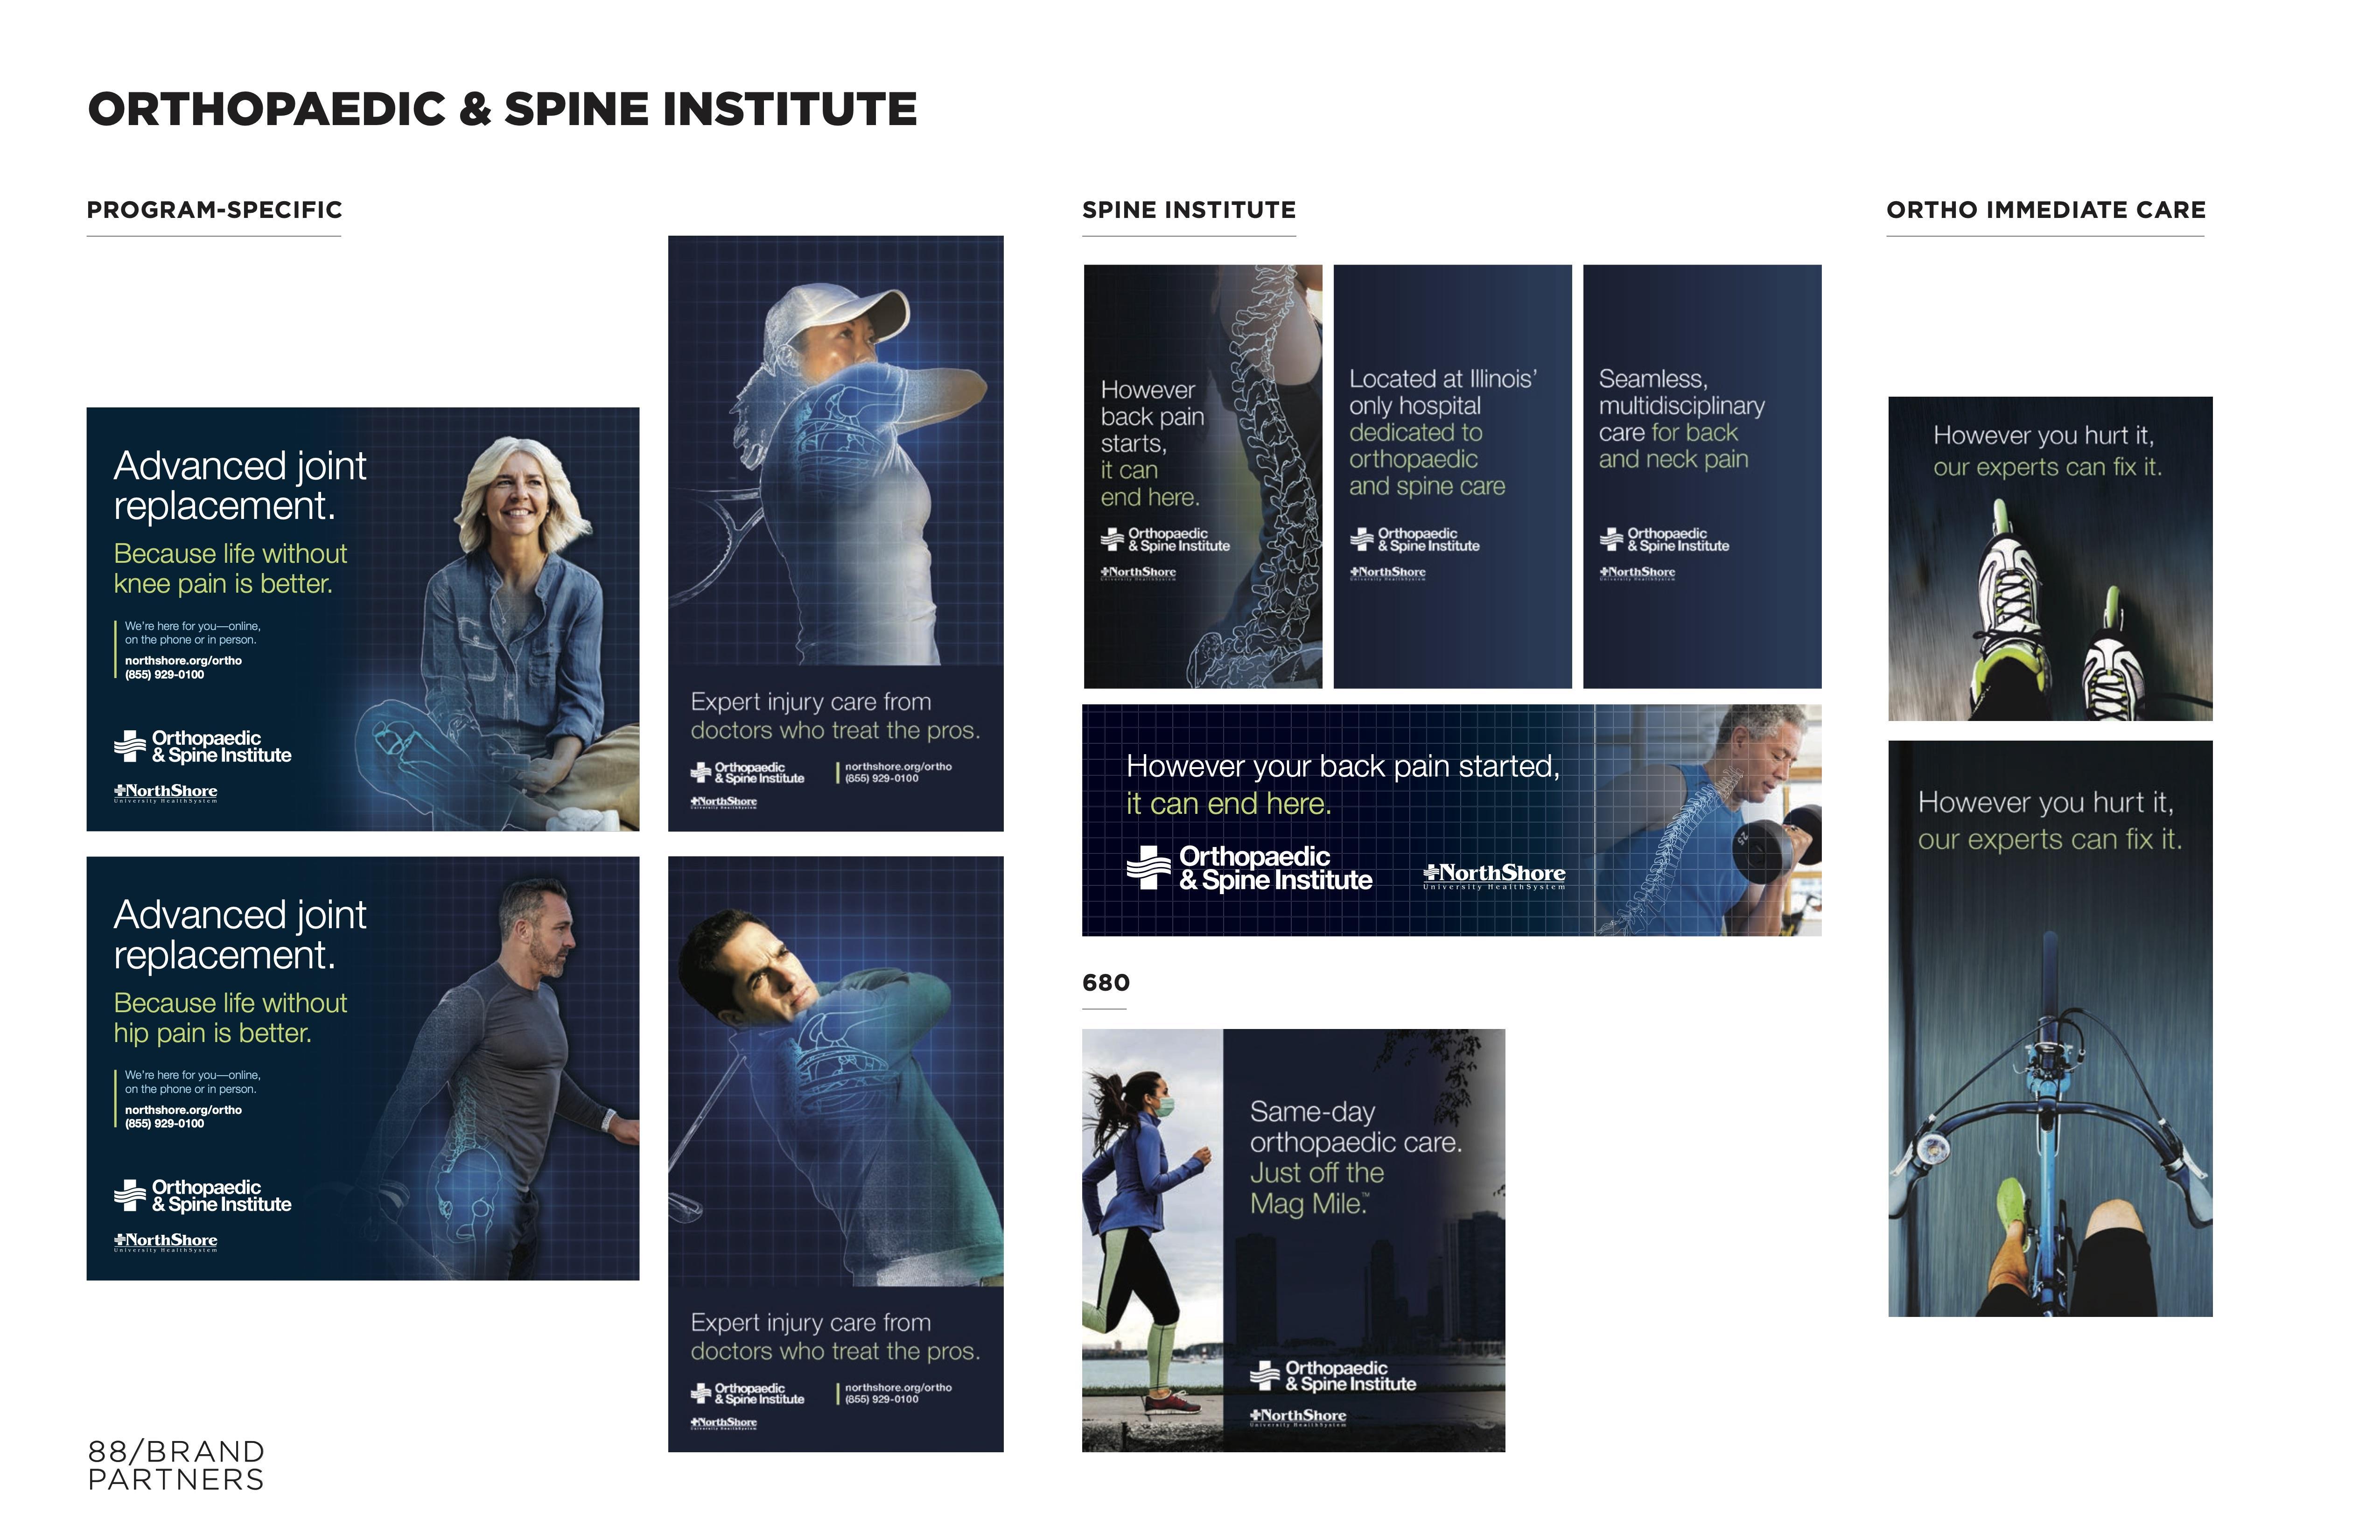 NorthShore Orthopaedic & Spine Institute Campaign